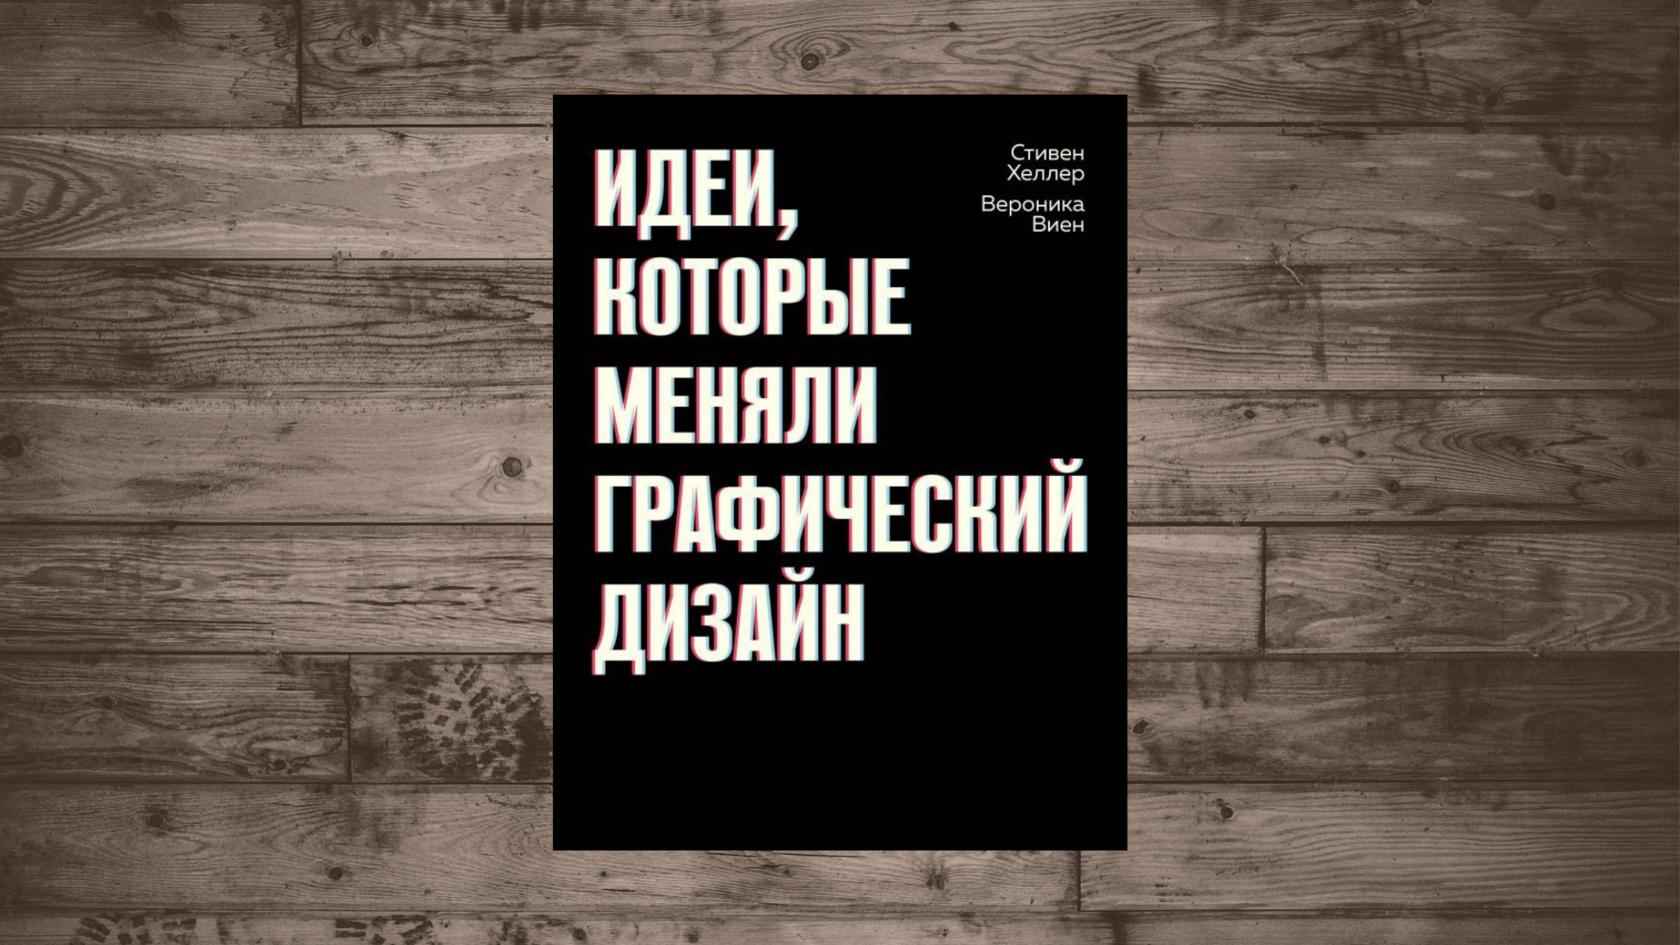 Купить Хеллер, Виен «Идеи, которые меняли графический дизайн» 978-5-04-091183-7